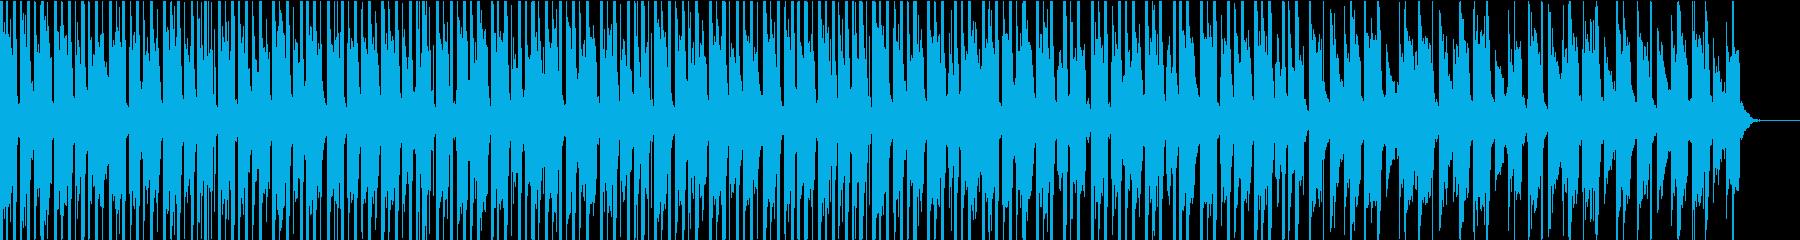 怪しい雰囲気・ラテン・民族系・探検調査bの再生済みの波形